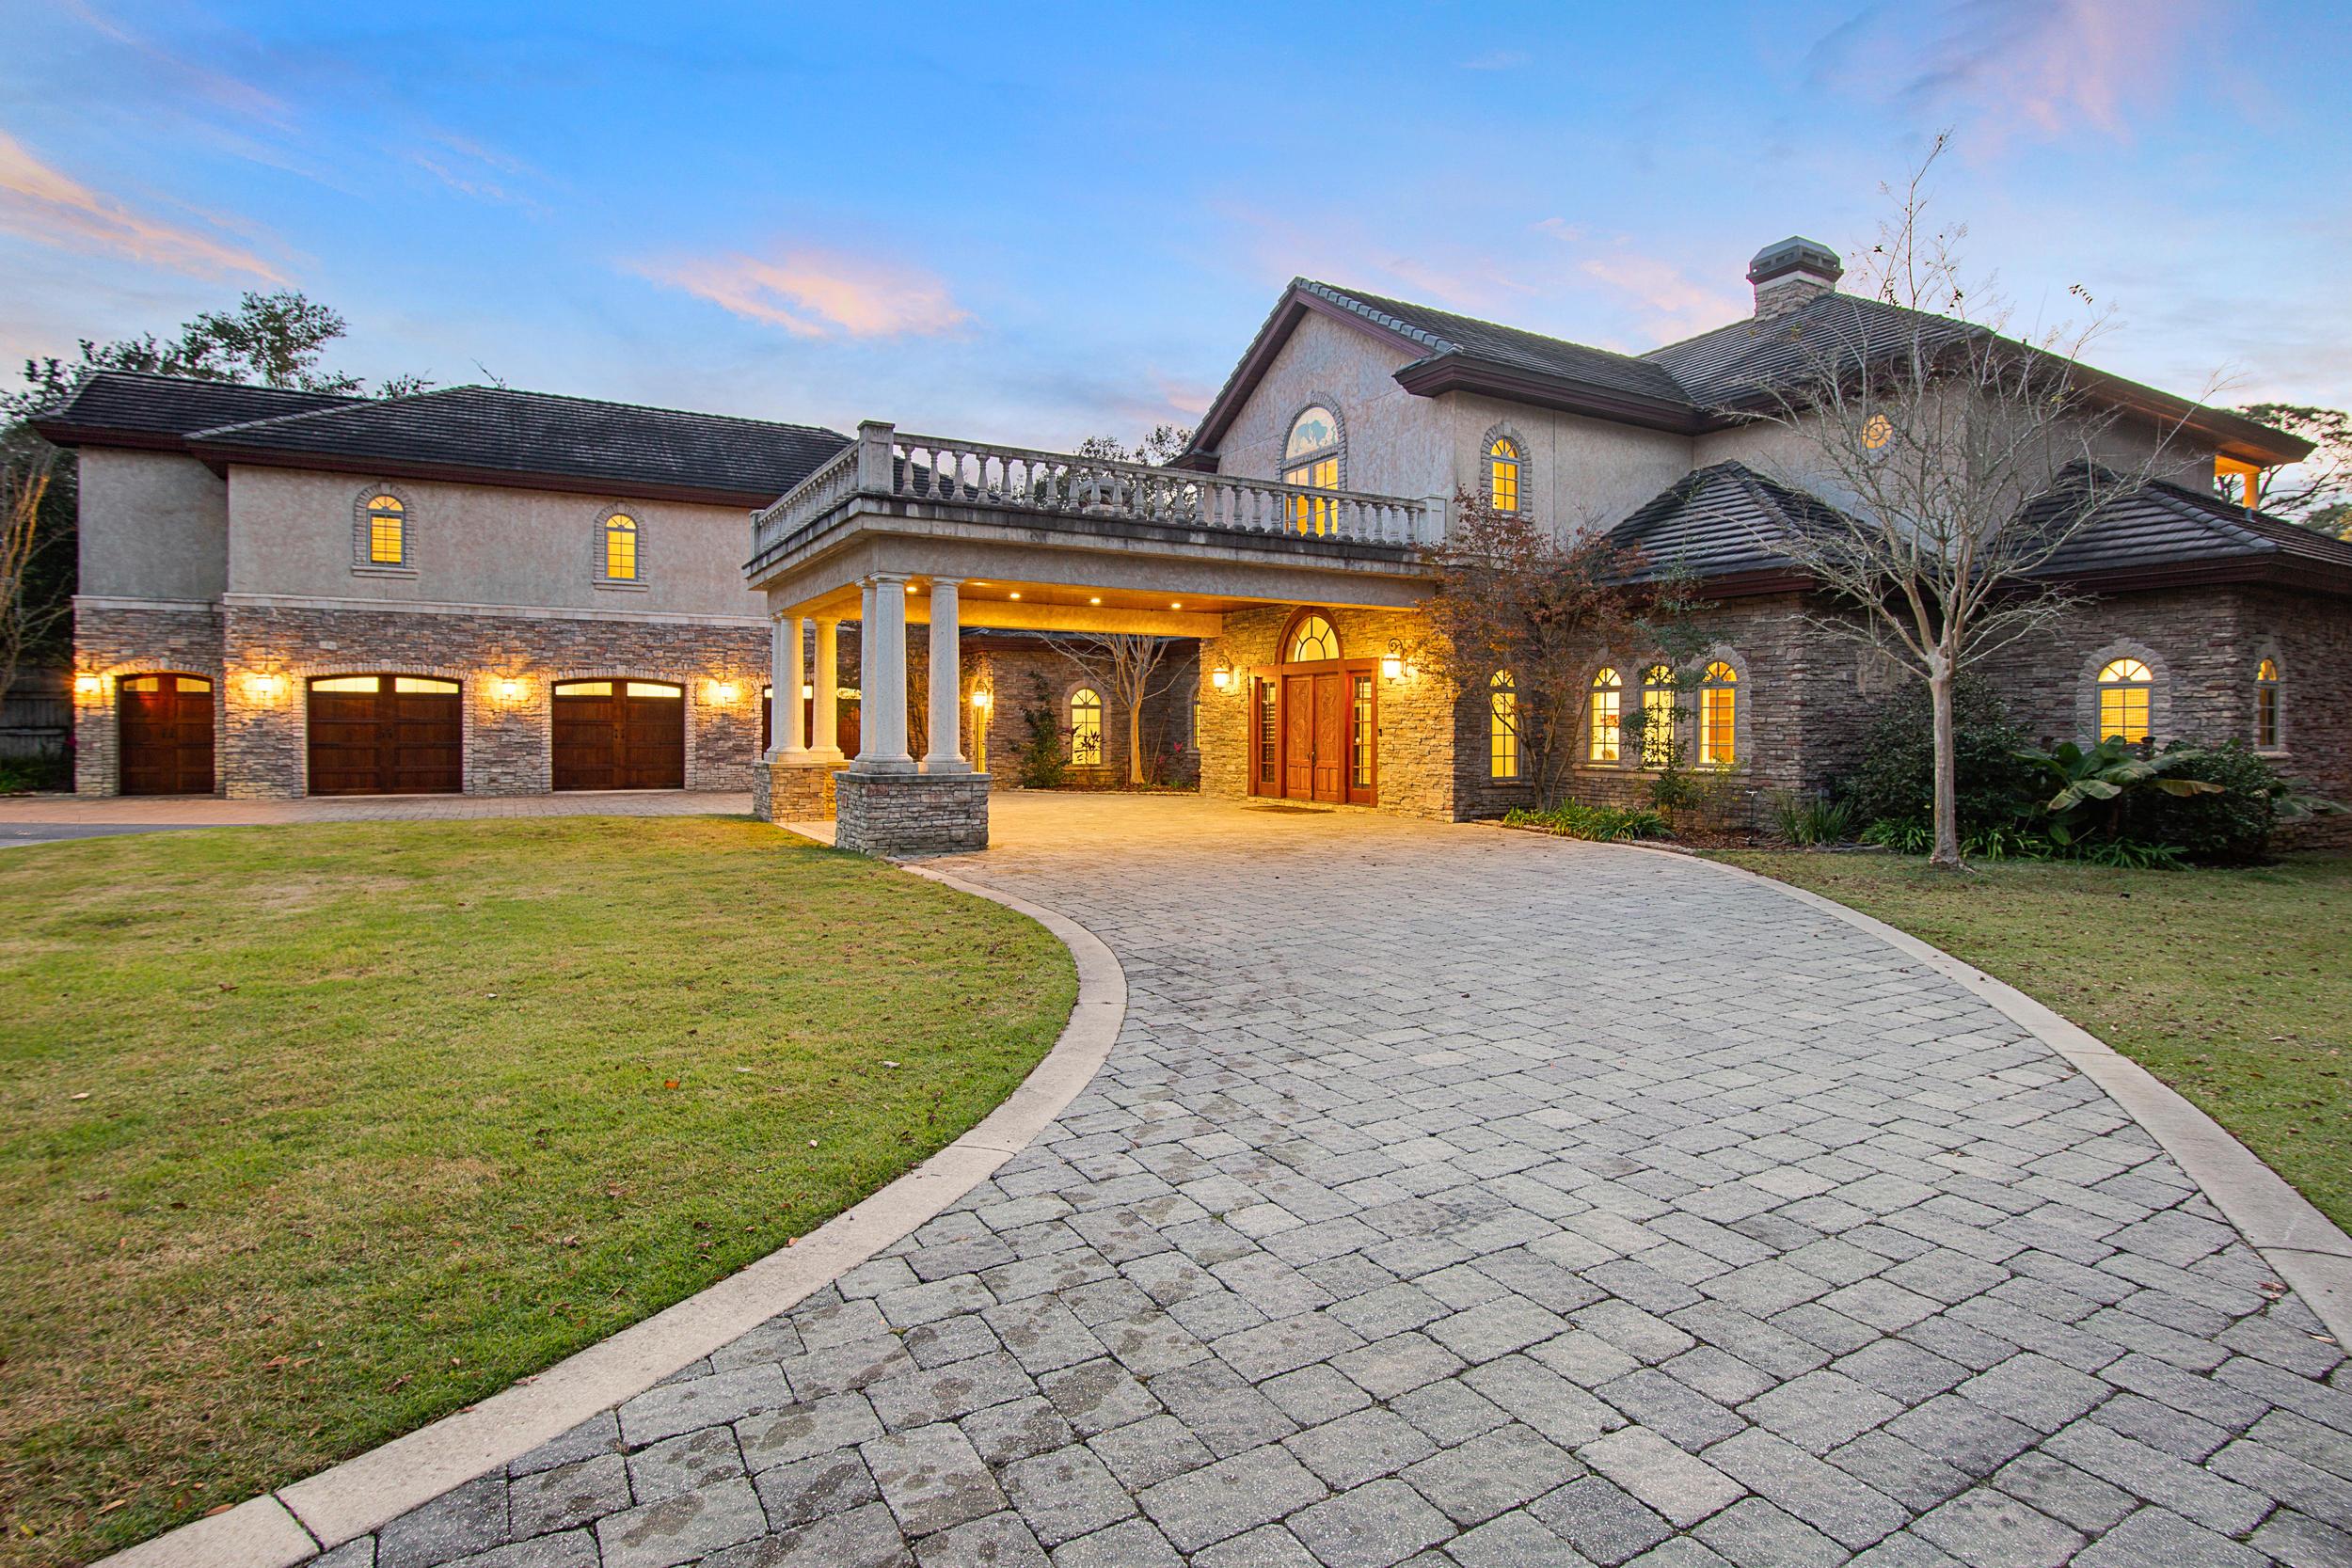 1161 Hewett, Santa Rosa Beach, 6 Bedrooms Bedrooms, ,5 BathroomsBathrooms,Detached single family,For Sale,Hewett,860810